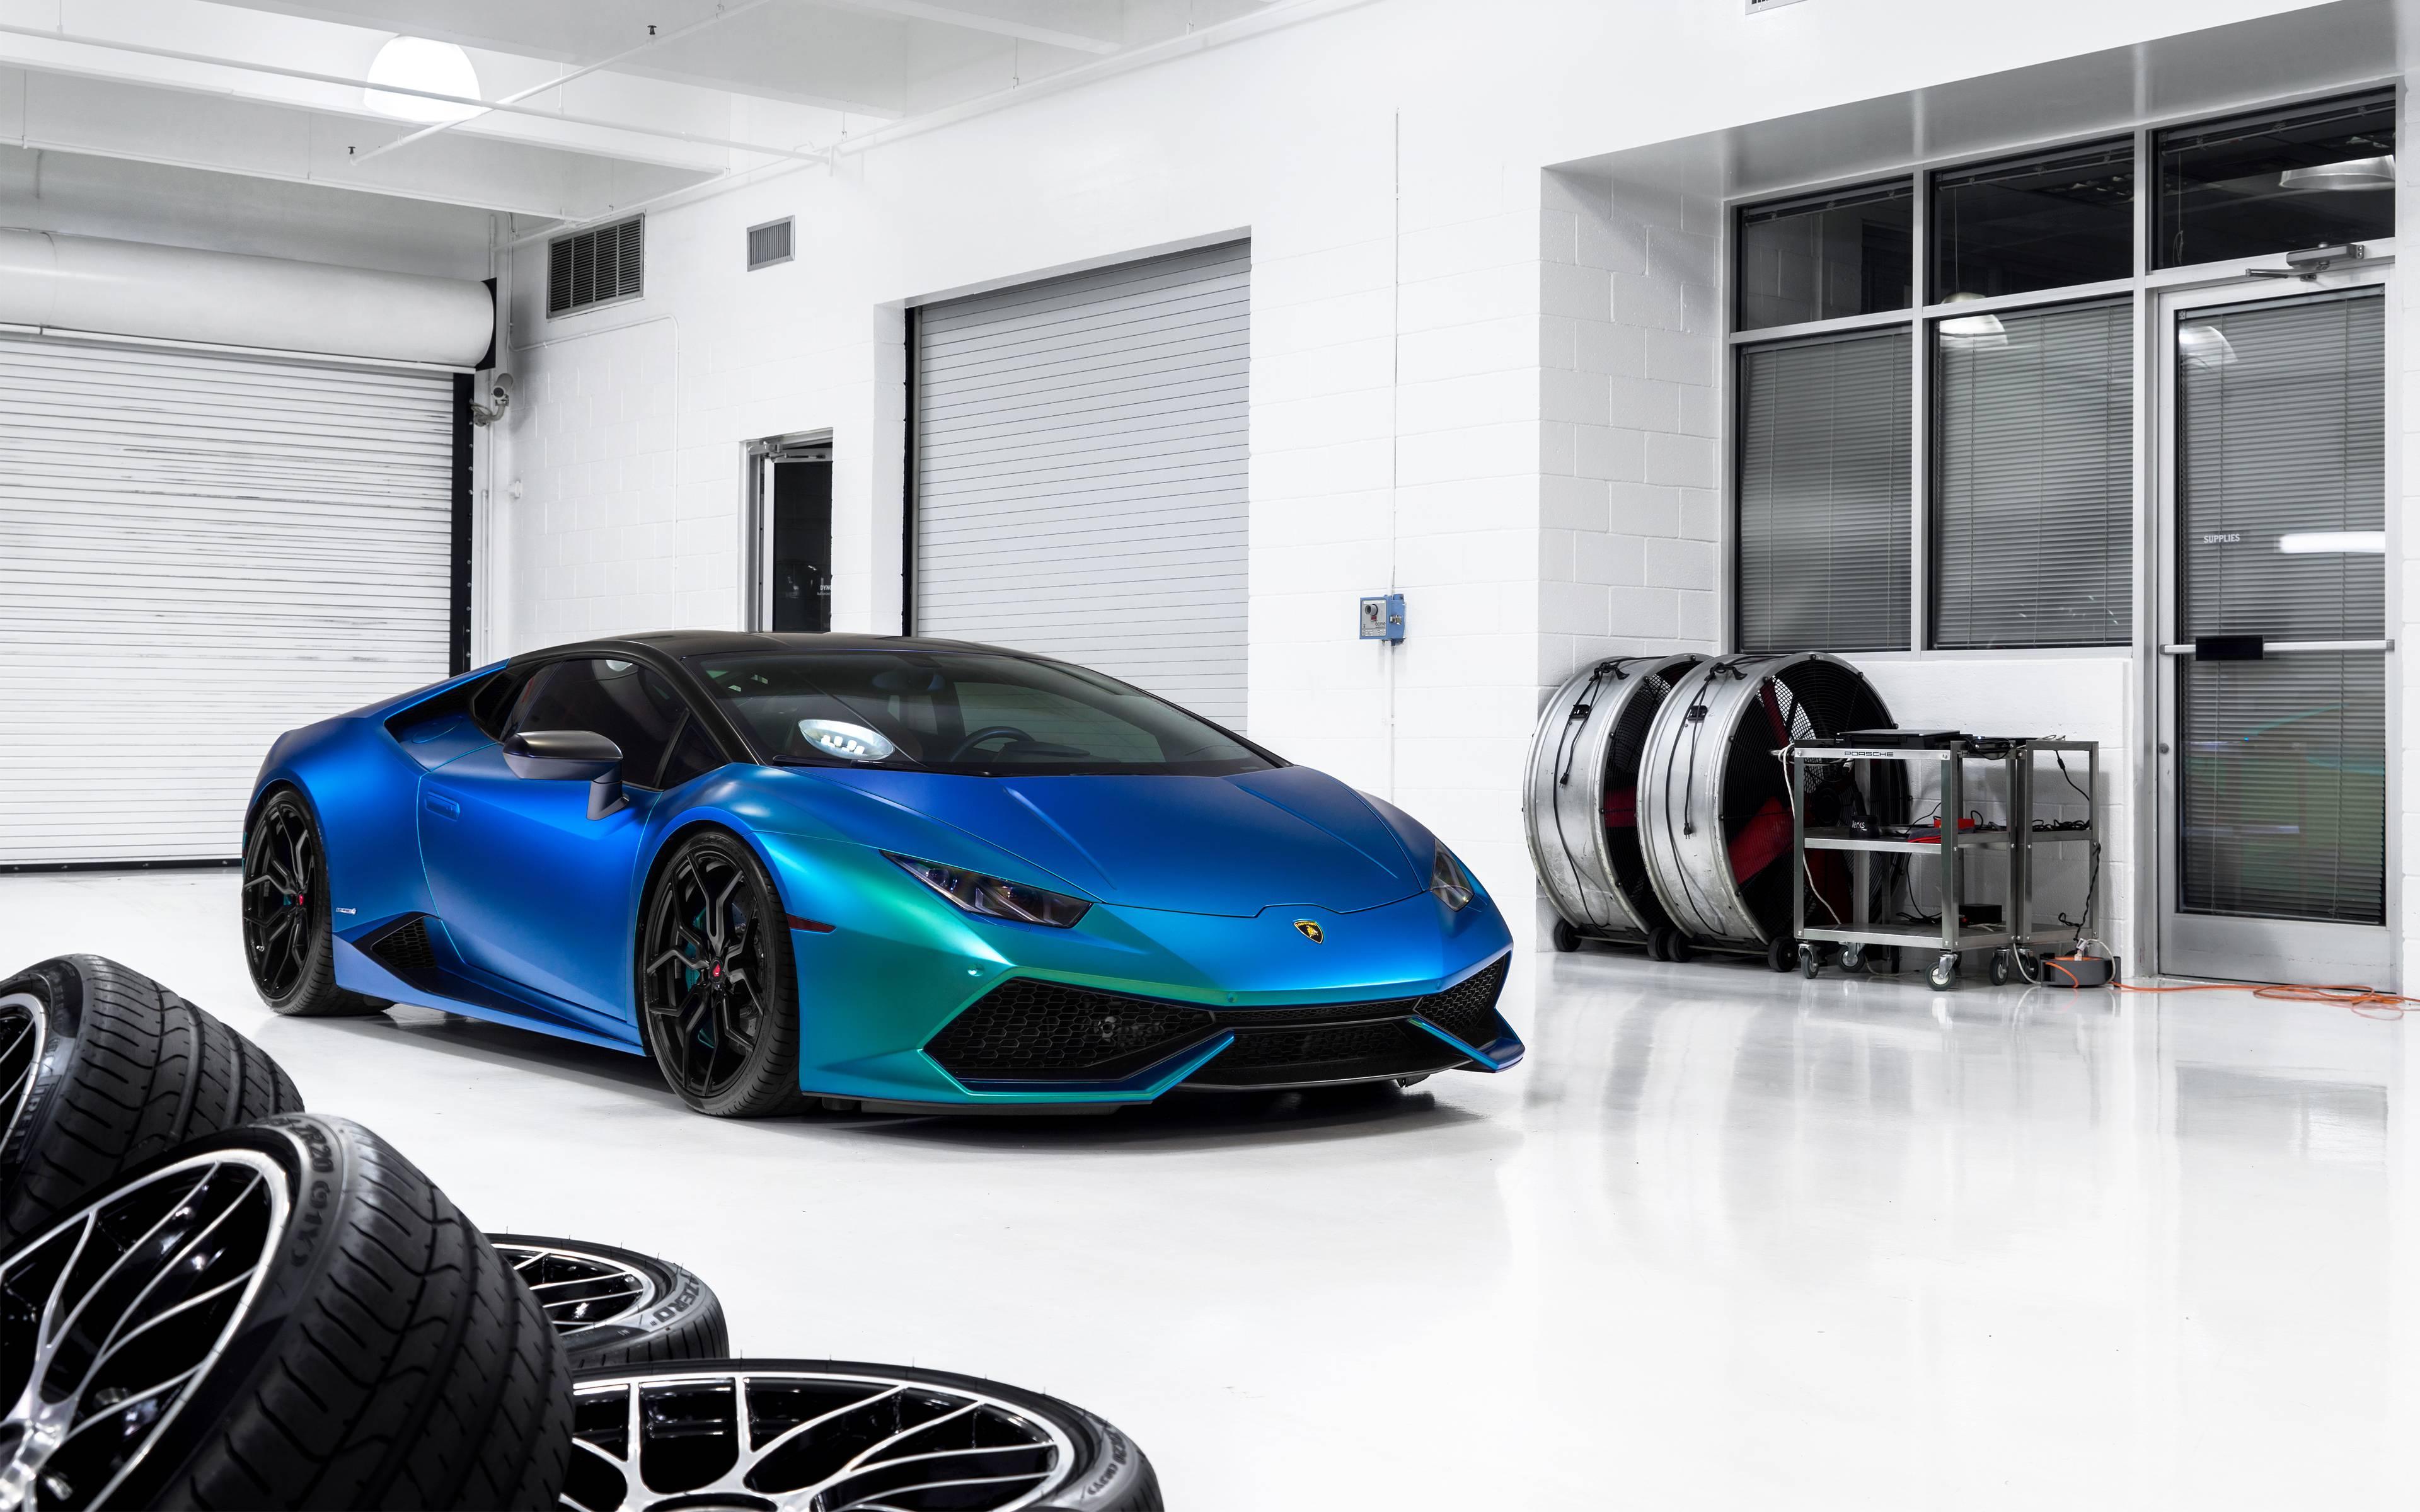 Lamborghini Huracan 4k Wallpaper 3840x2400